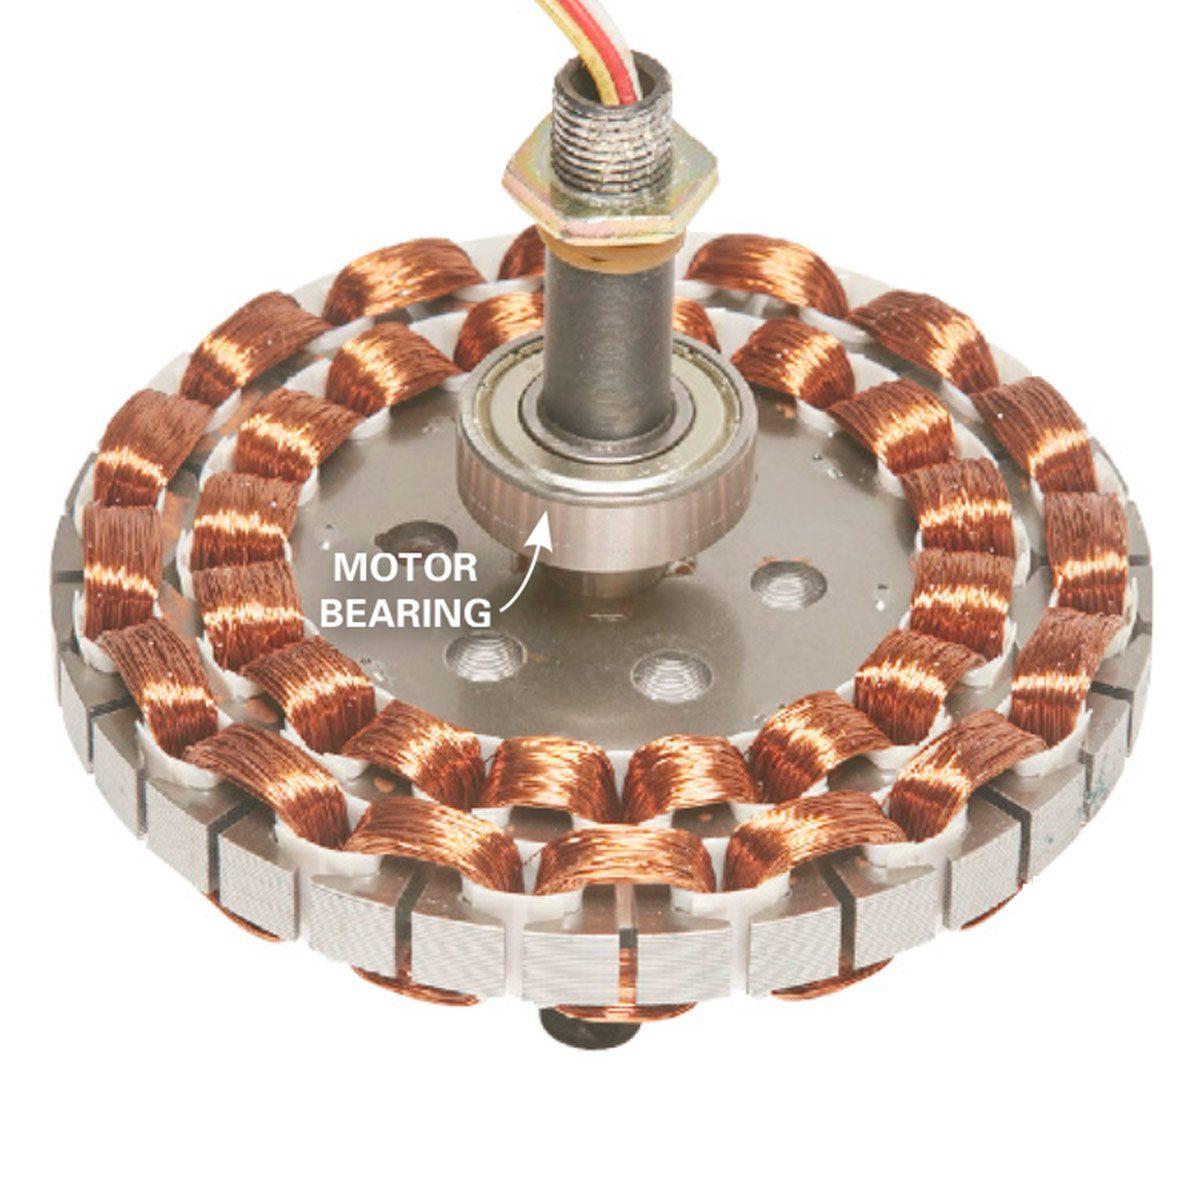 inside of ceiling fan